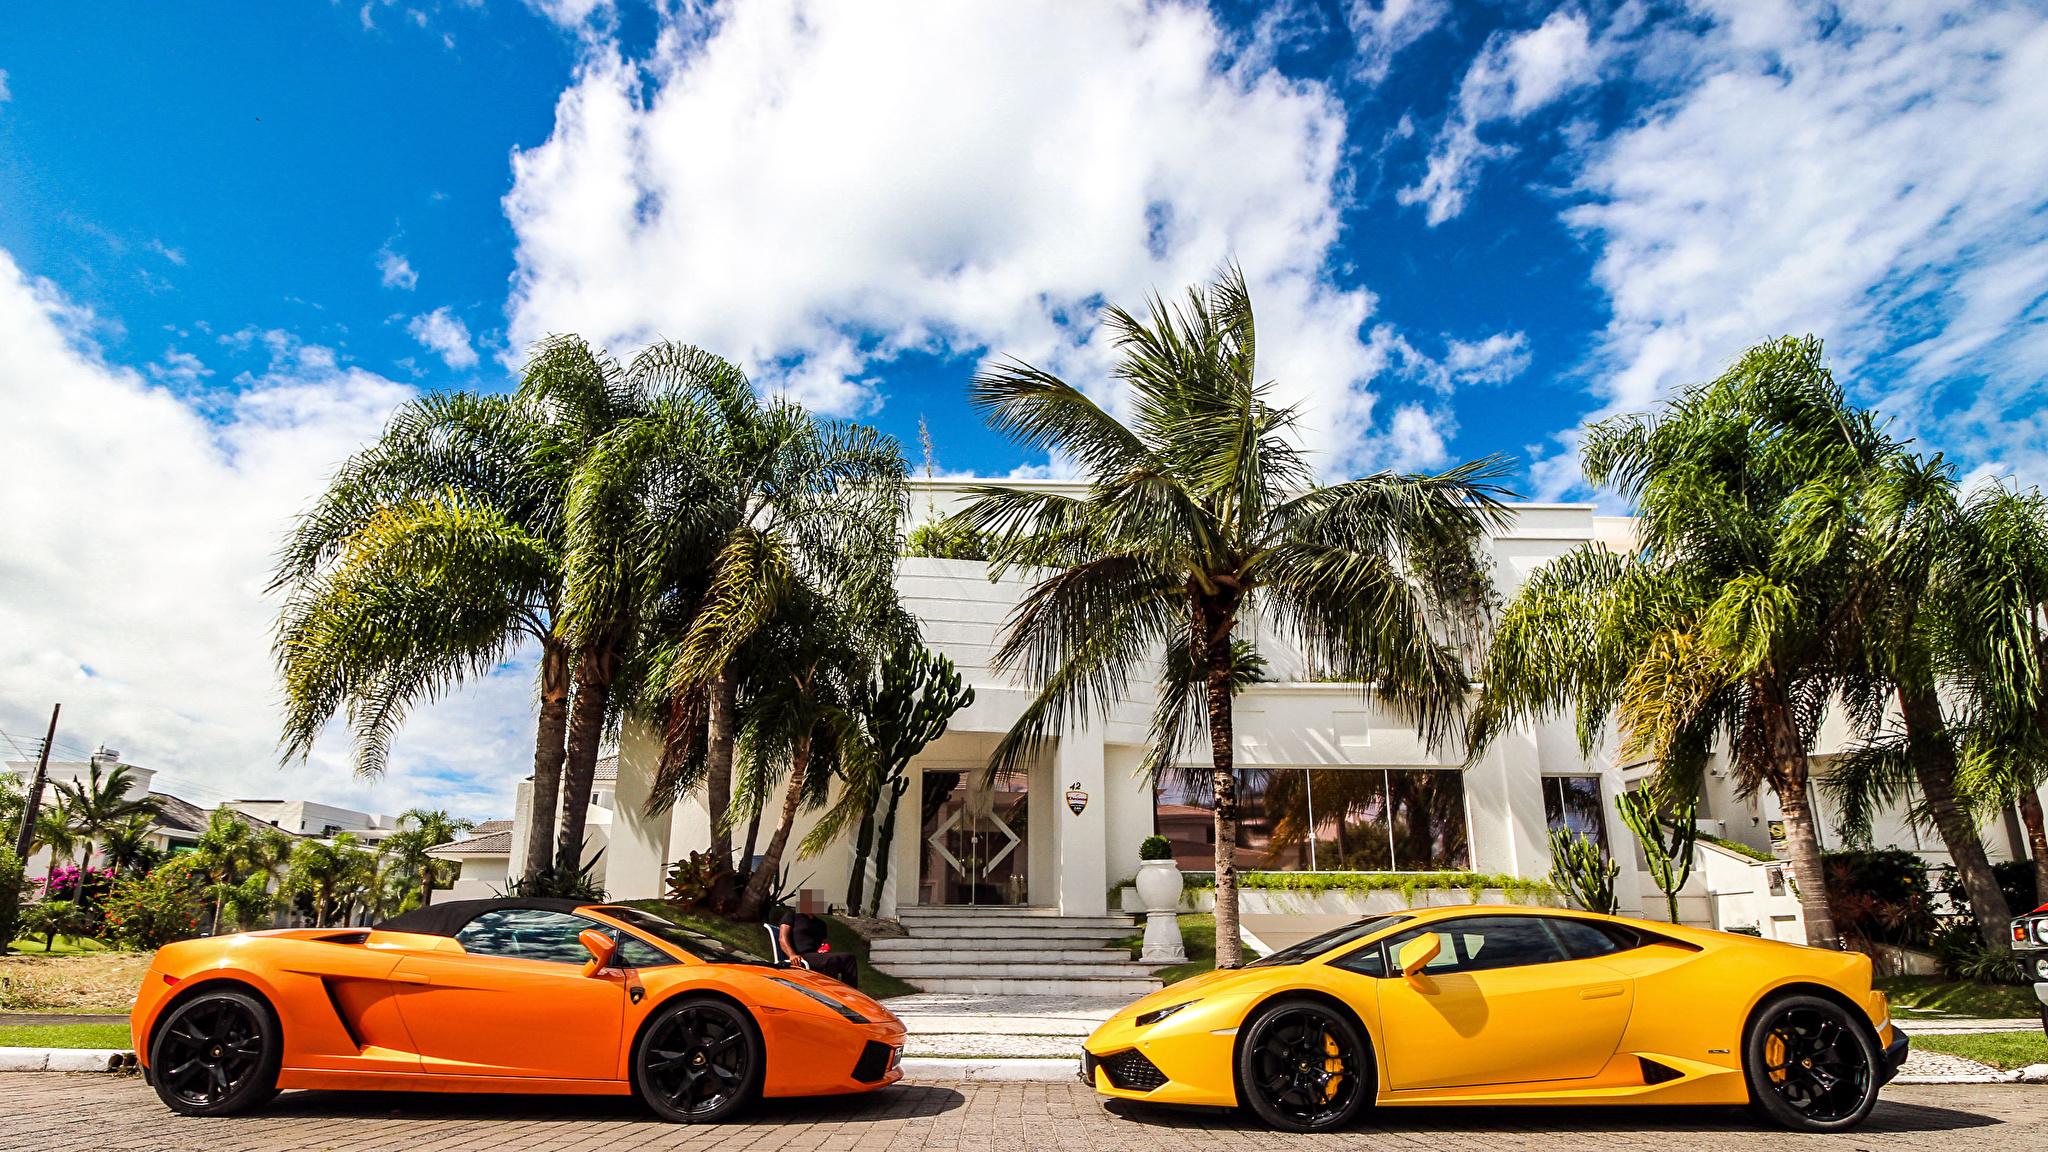 Lamborghini Huracan газон коттедж пальмы без смс